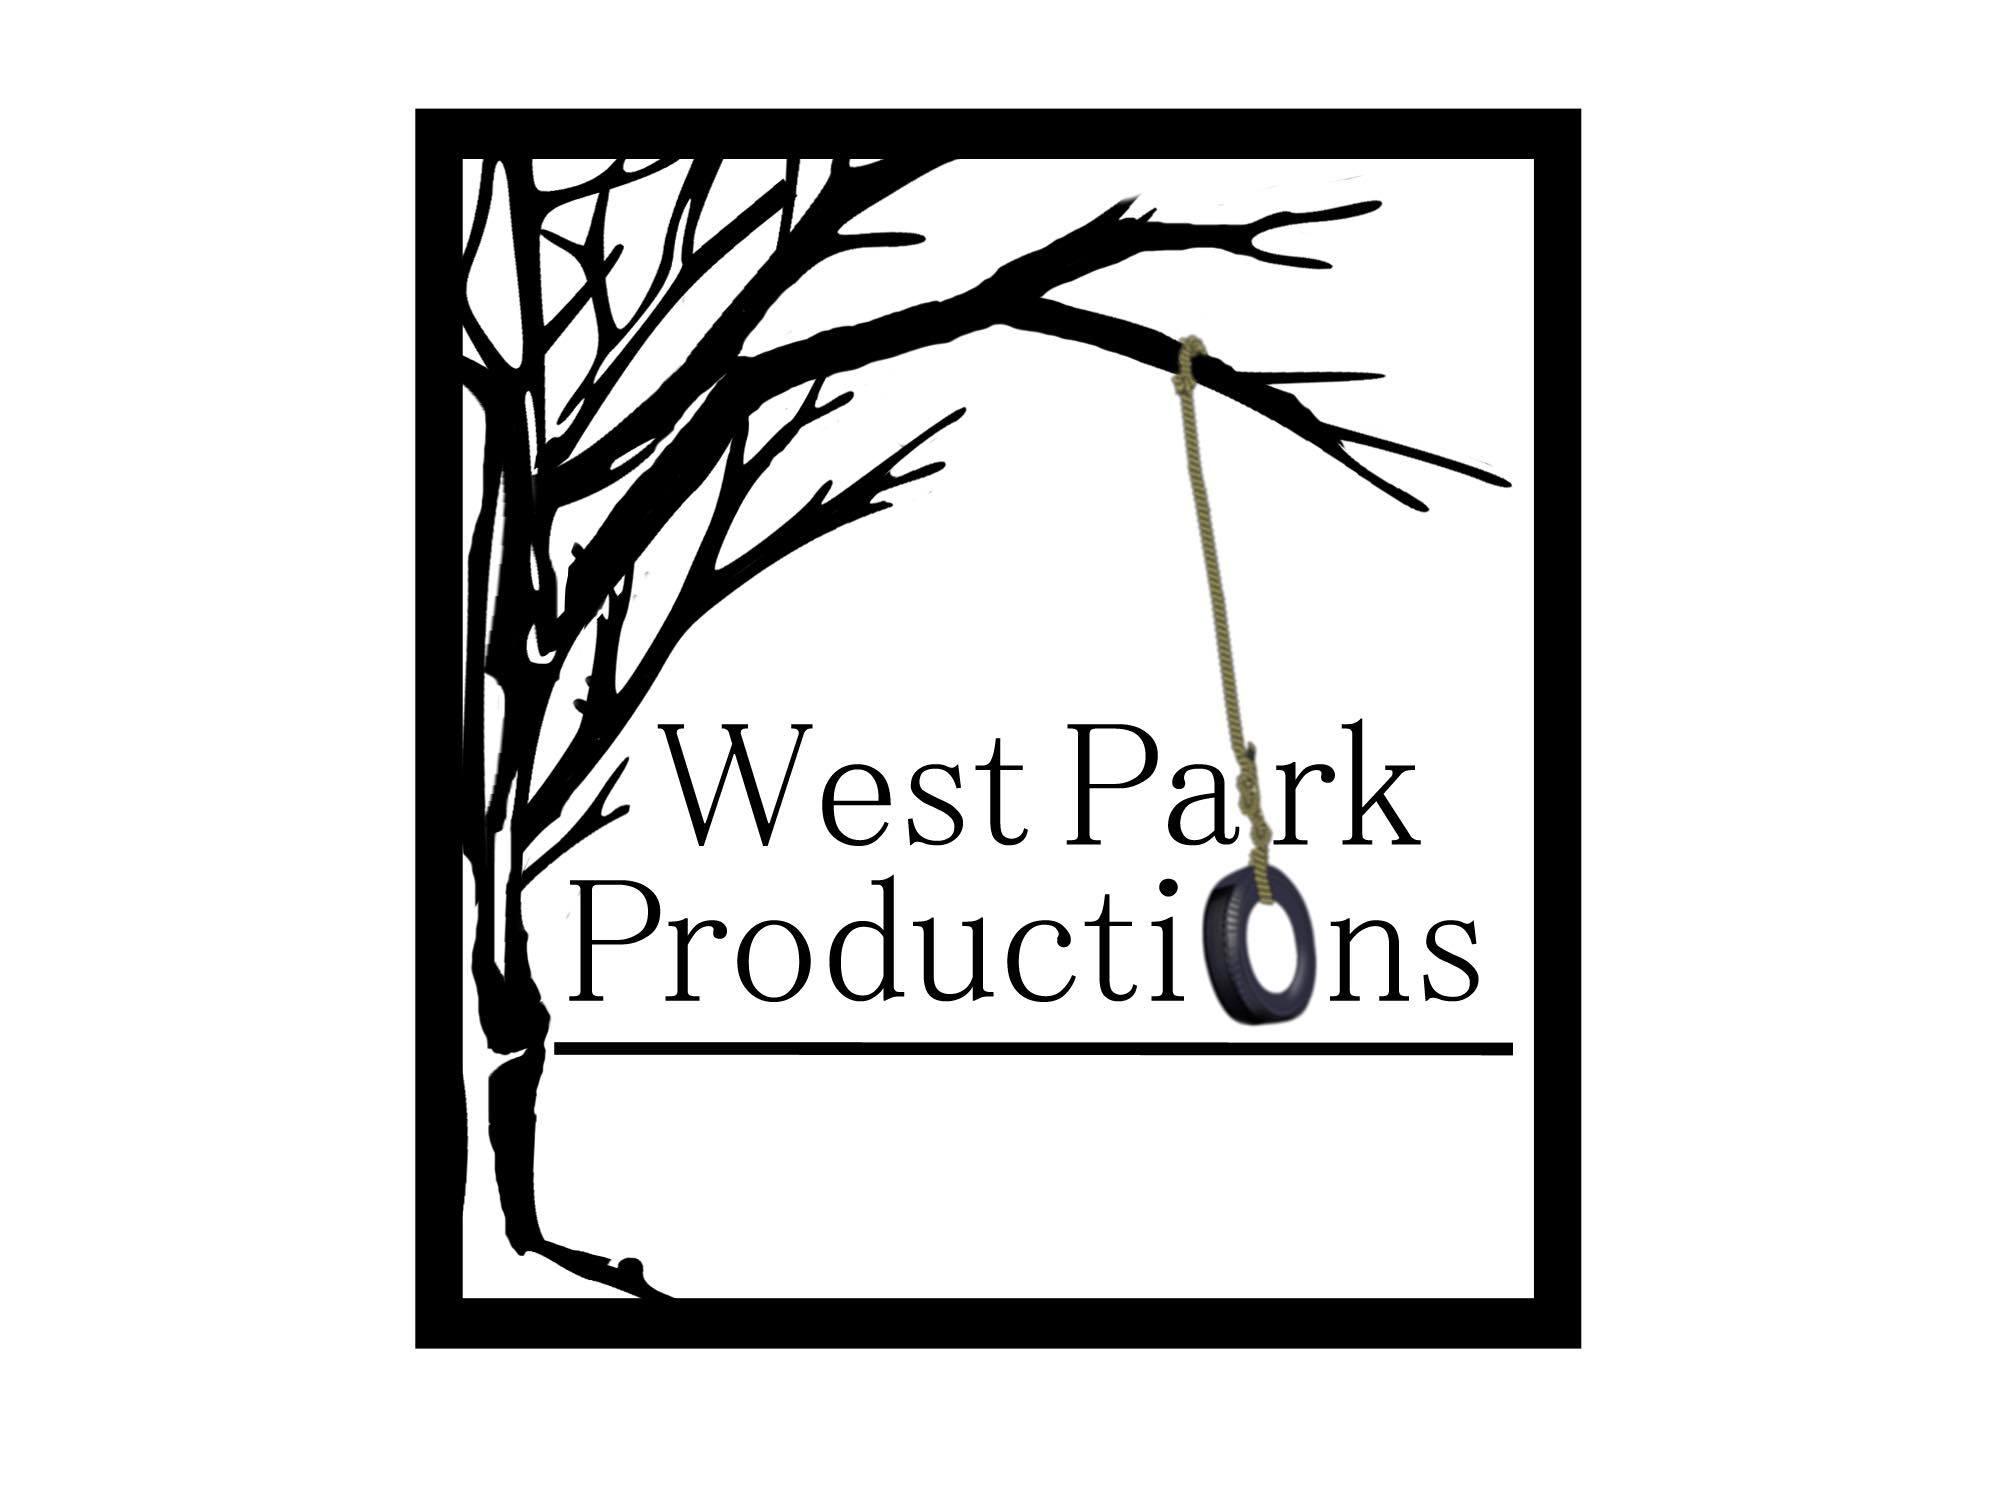 West Park Productions